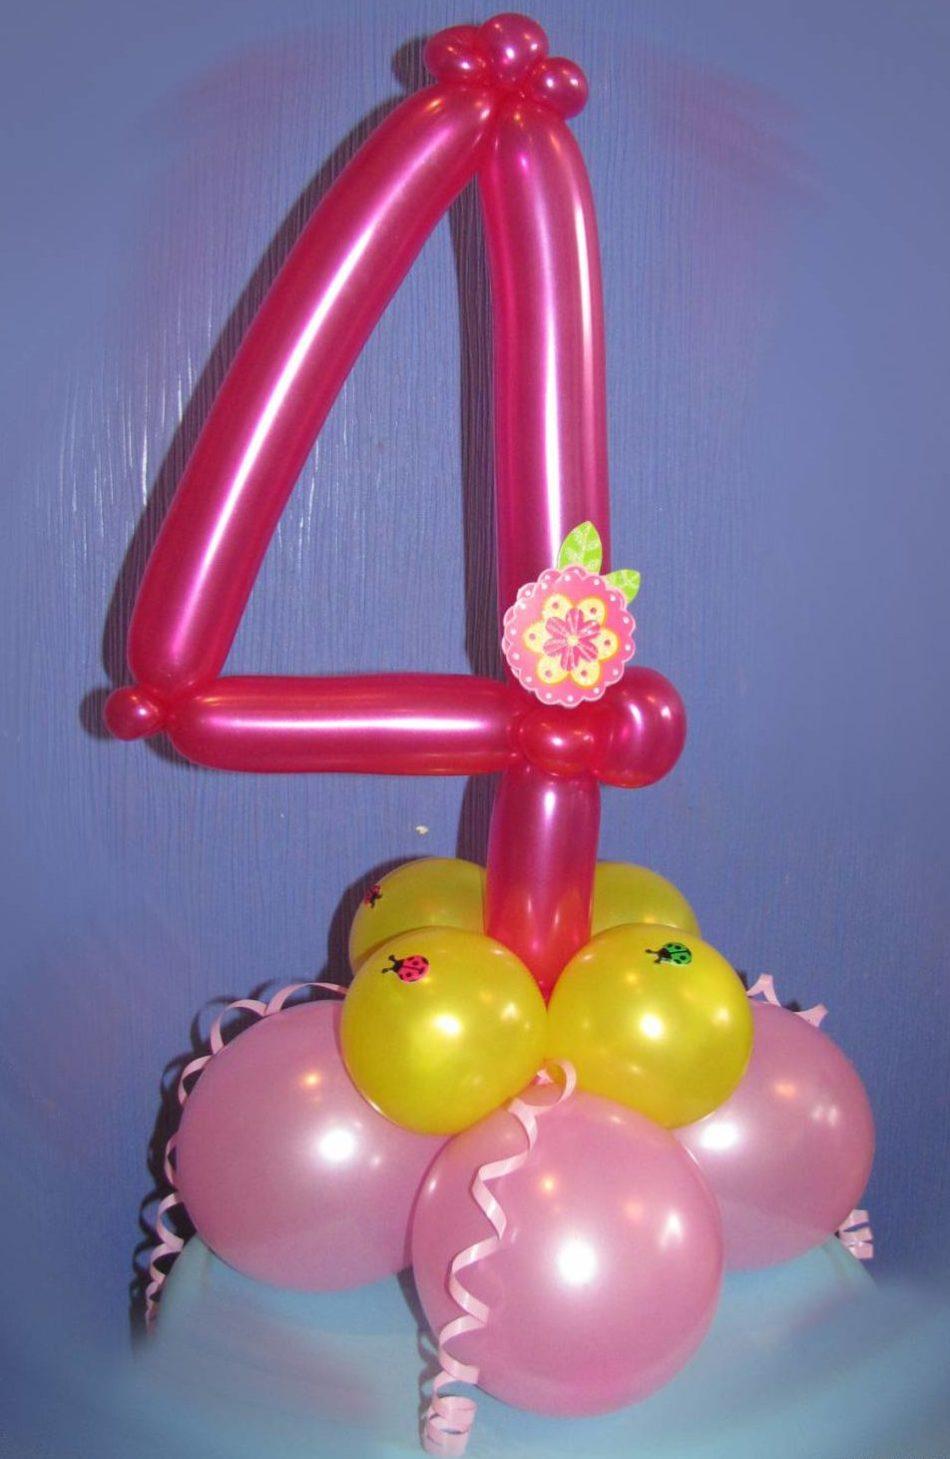 Калибратор для воздушных шаров своими руками фото 284